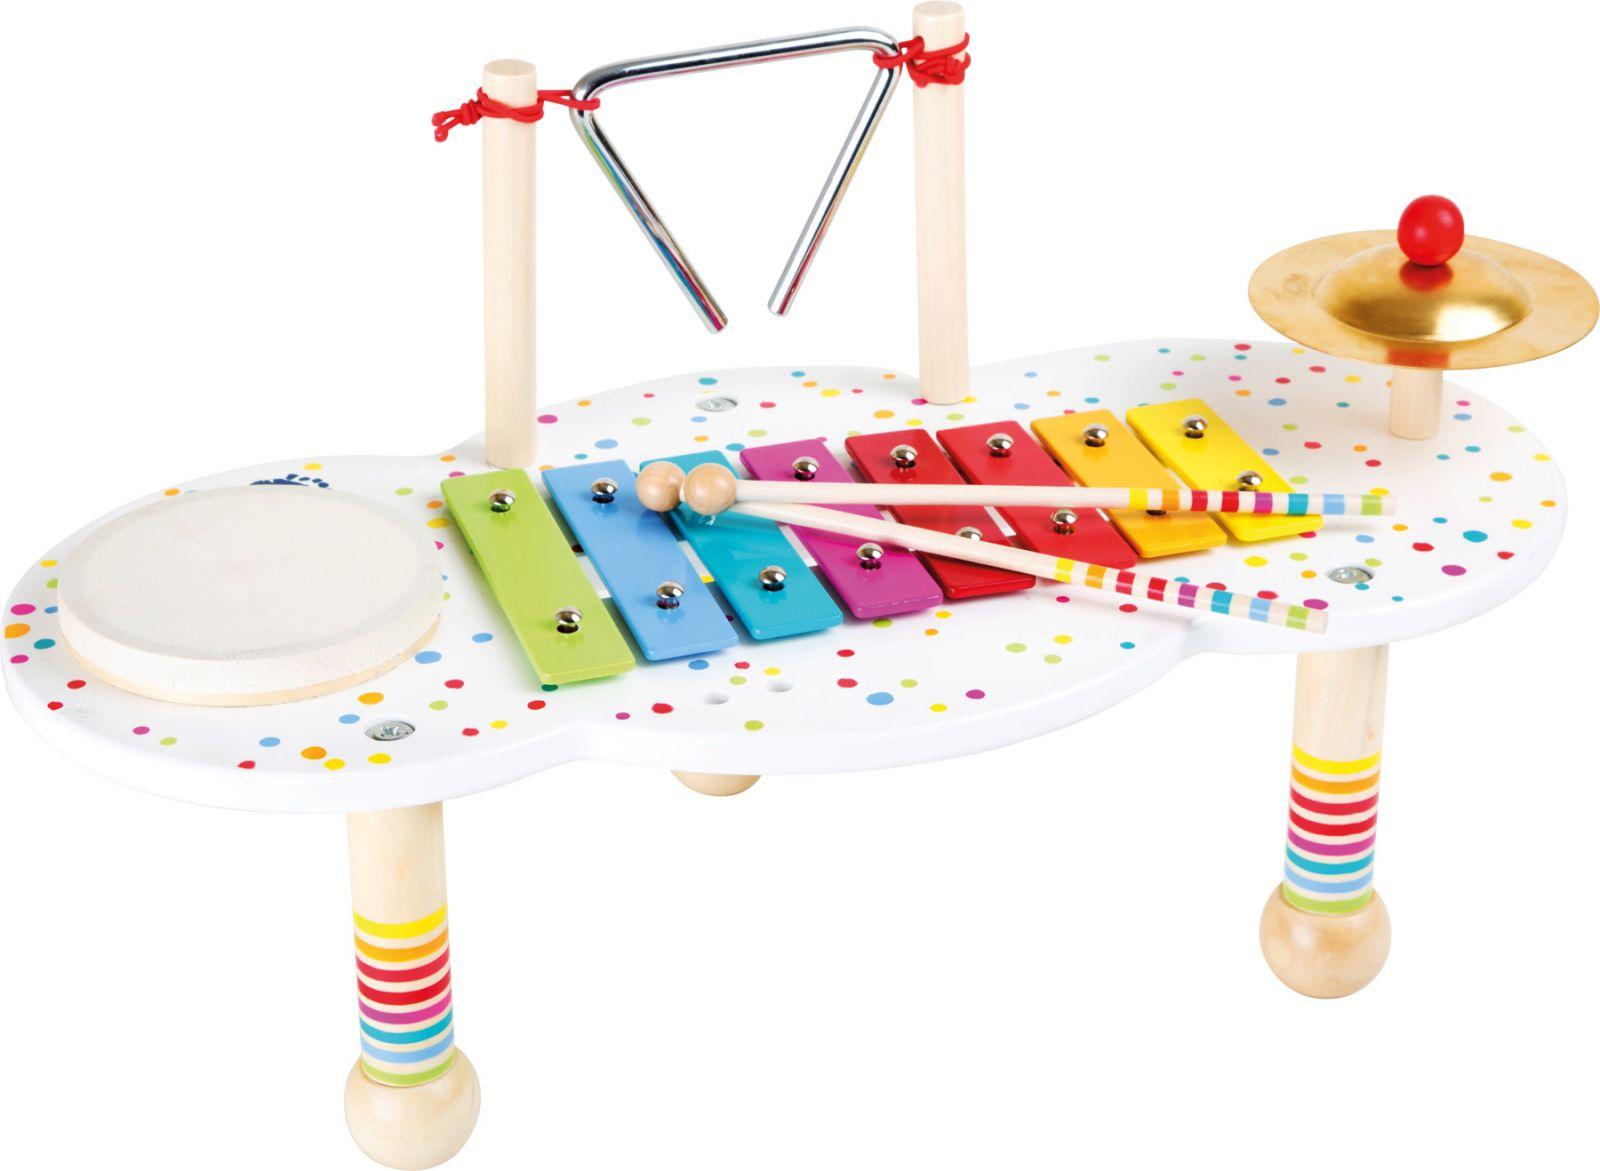 Dřevěné hračky Small Foot Dřevěný muzikální hudební stoleček s puntíky Small foot by Legler